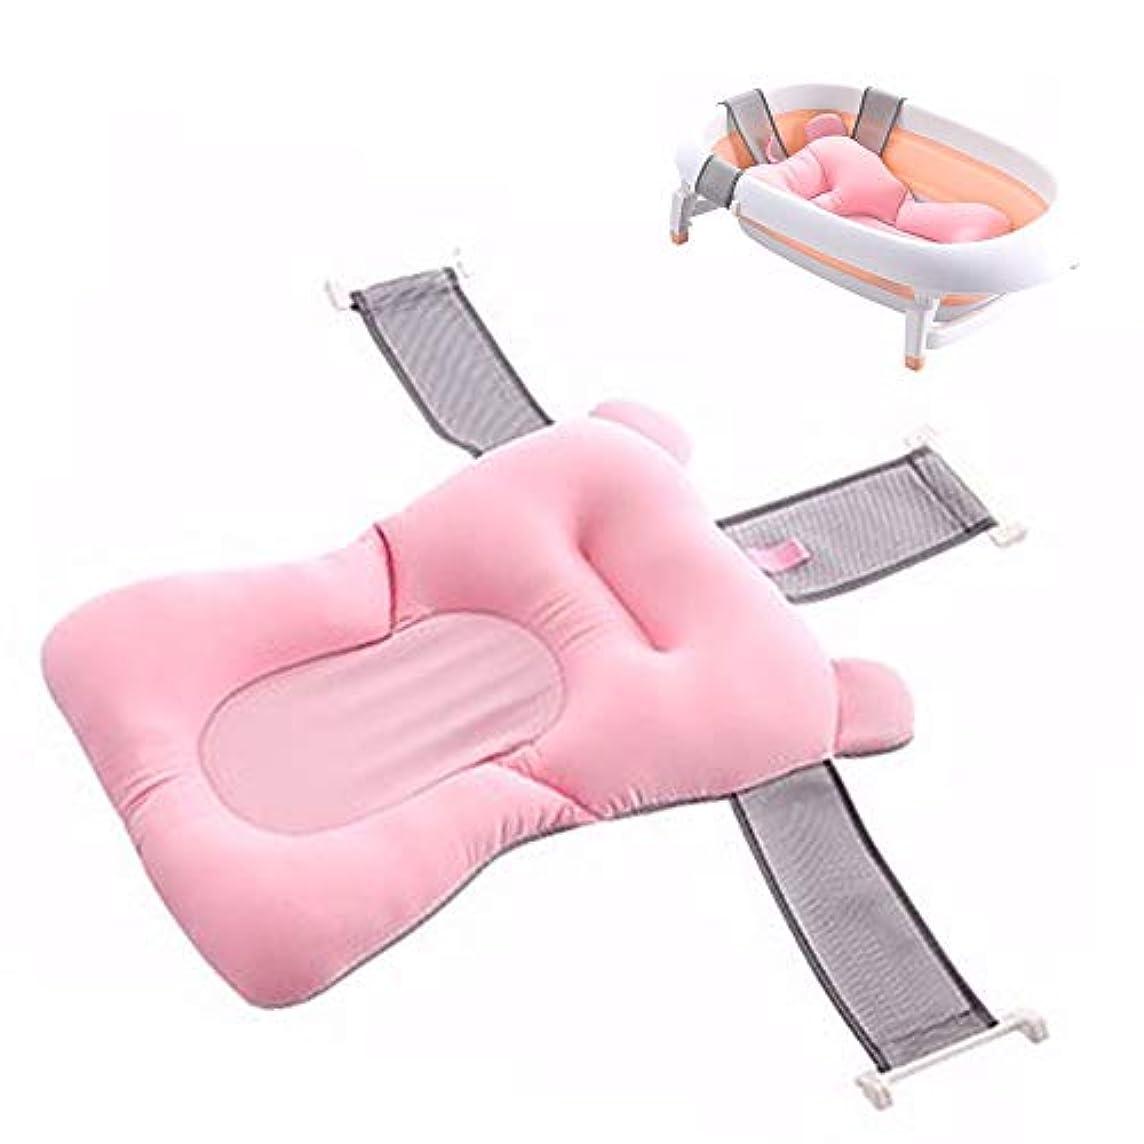 一過性殺します協同赤ちゃん浴槽枕風呂クッション幼児ラウンジャーエアクッション柔らかい滑り止めバスシート用0-12ヶ月幼児,Pink